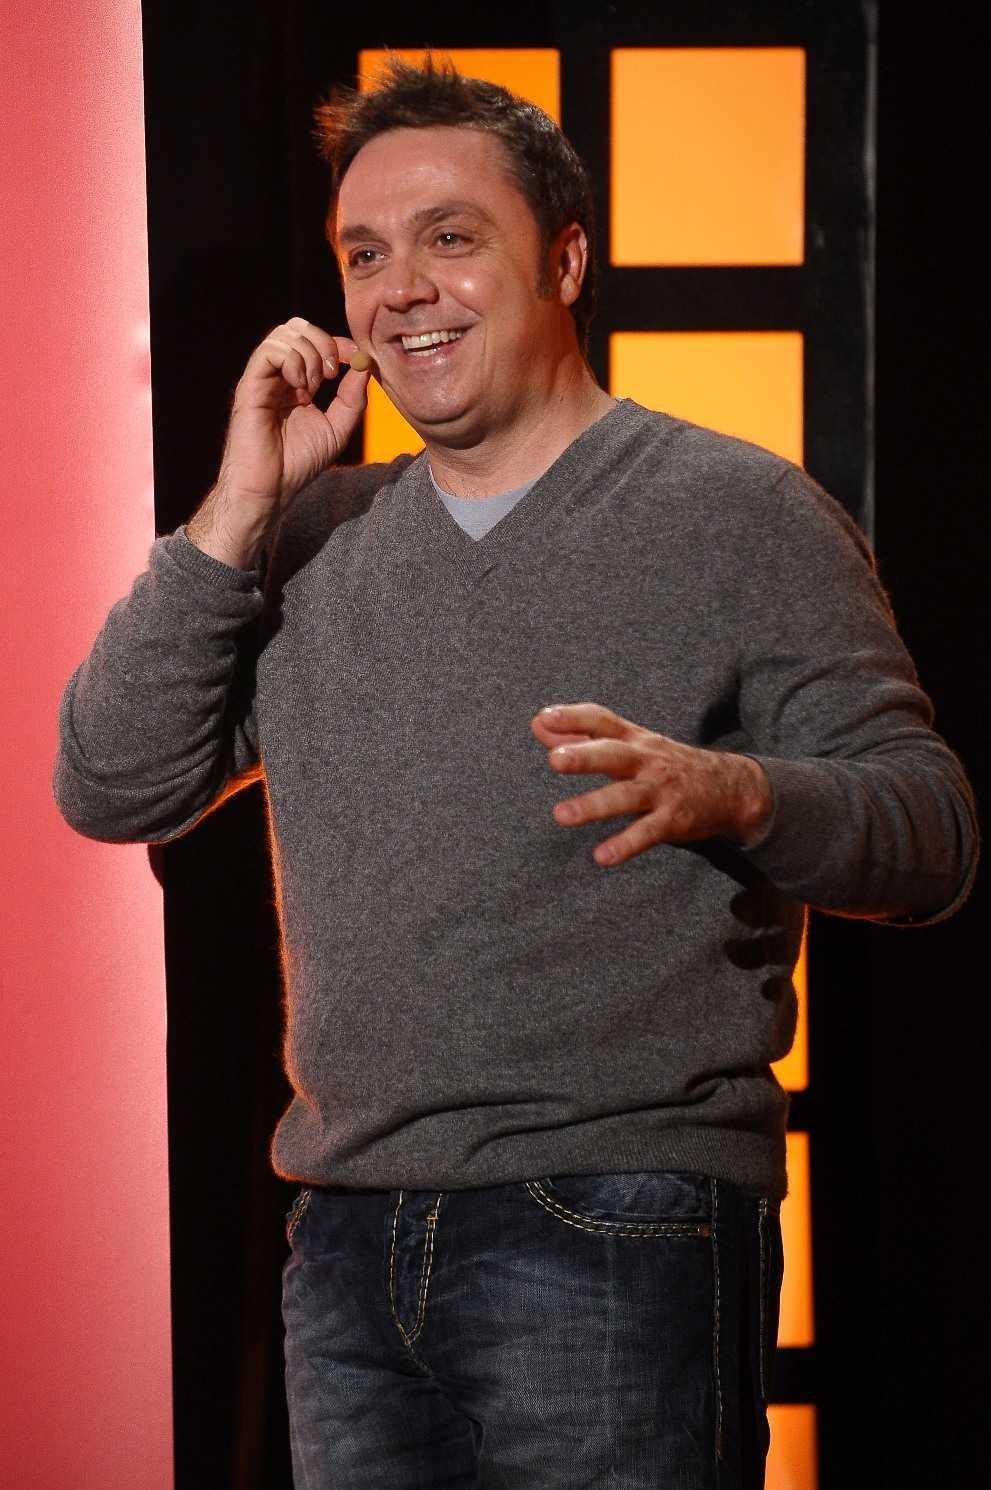 Gabriele Cirilli per il gran finale di Palco doppio palco su Comedy Central | Digitale terrestre: Dtti.it